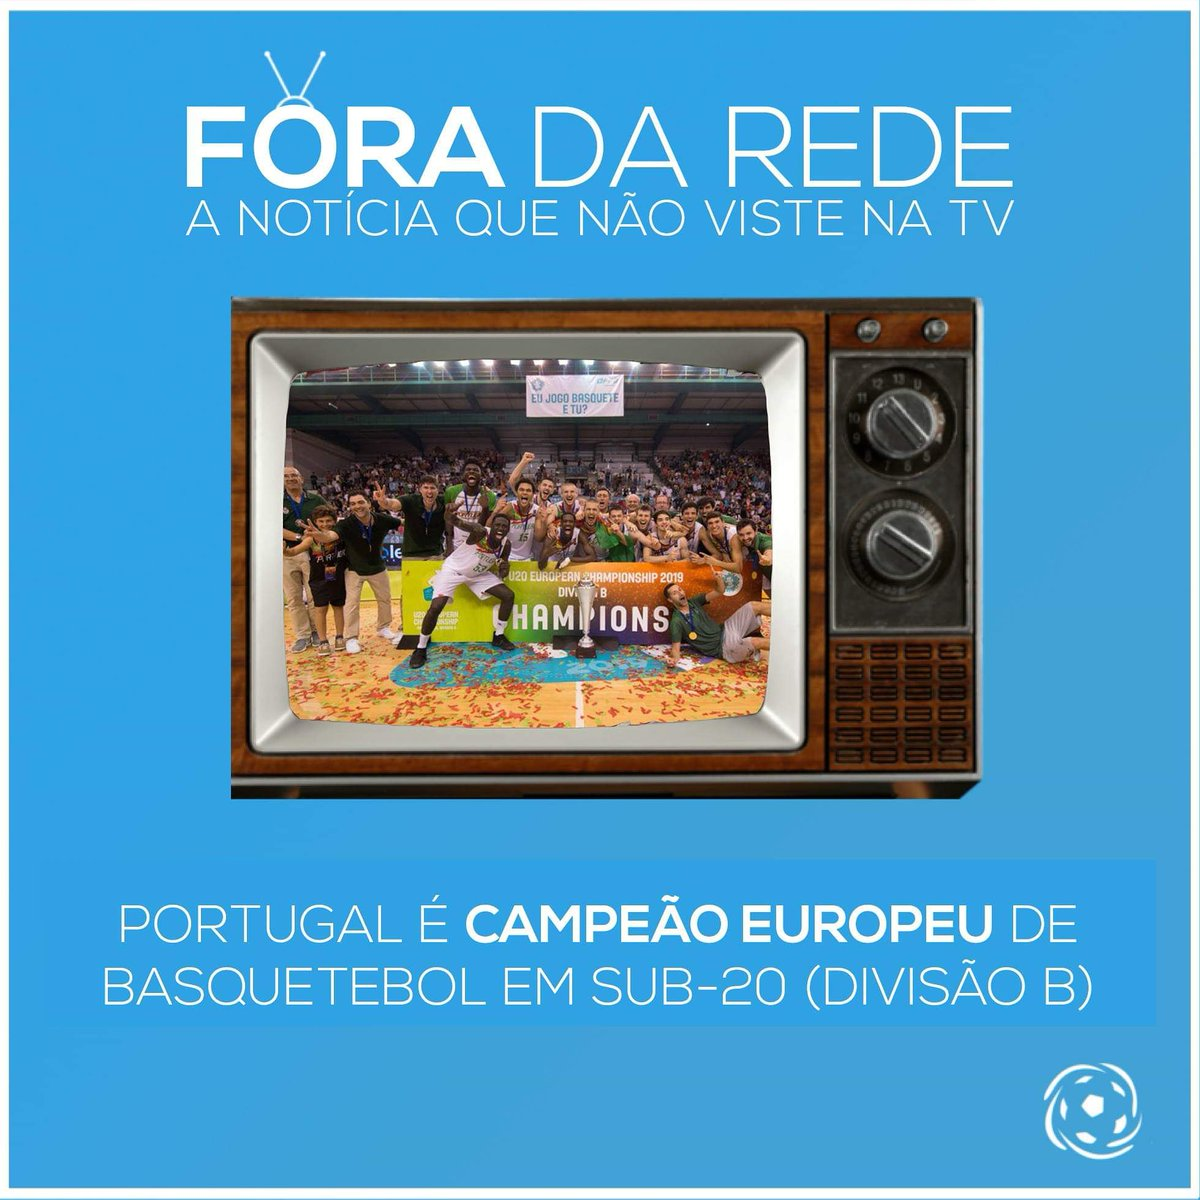 Pela primeira, Portugal é campeão europeu de Sub-20 (divisão B), depois de um triunfo esclarecedor diante da Rep. Checa por 73-57! Parabéns, Portugal! Não vos deixamos #ForaDaRede! 🎉🇵🇹🏀